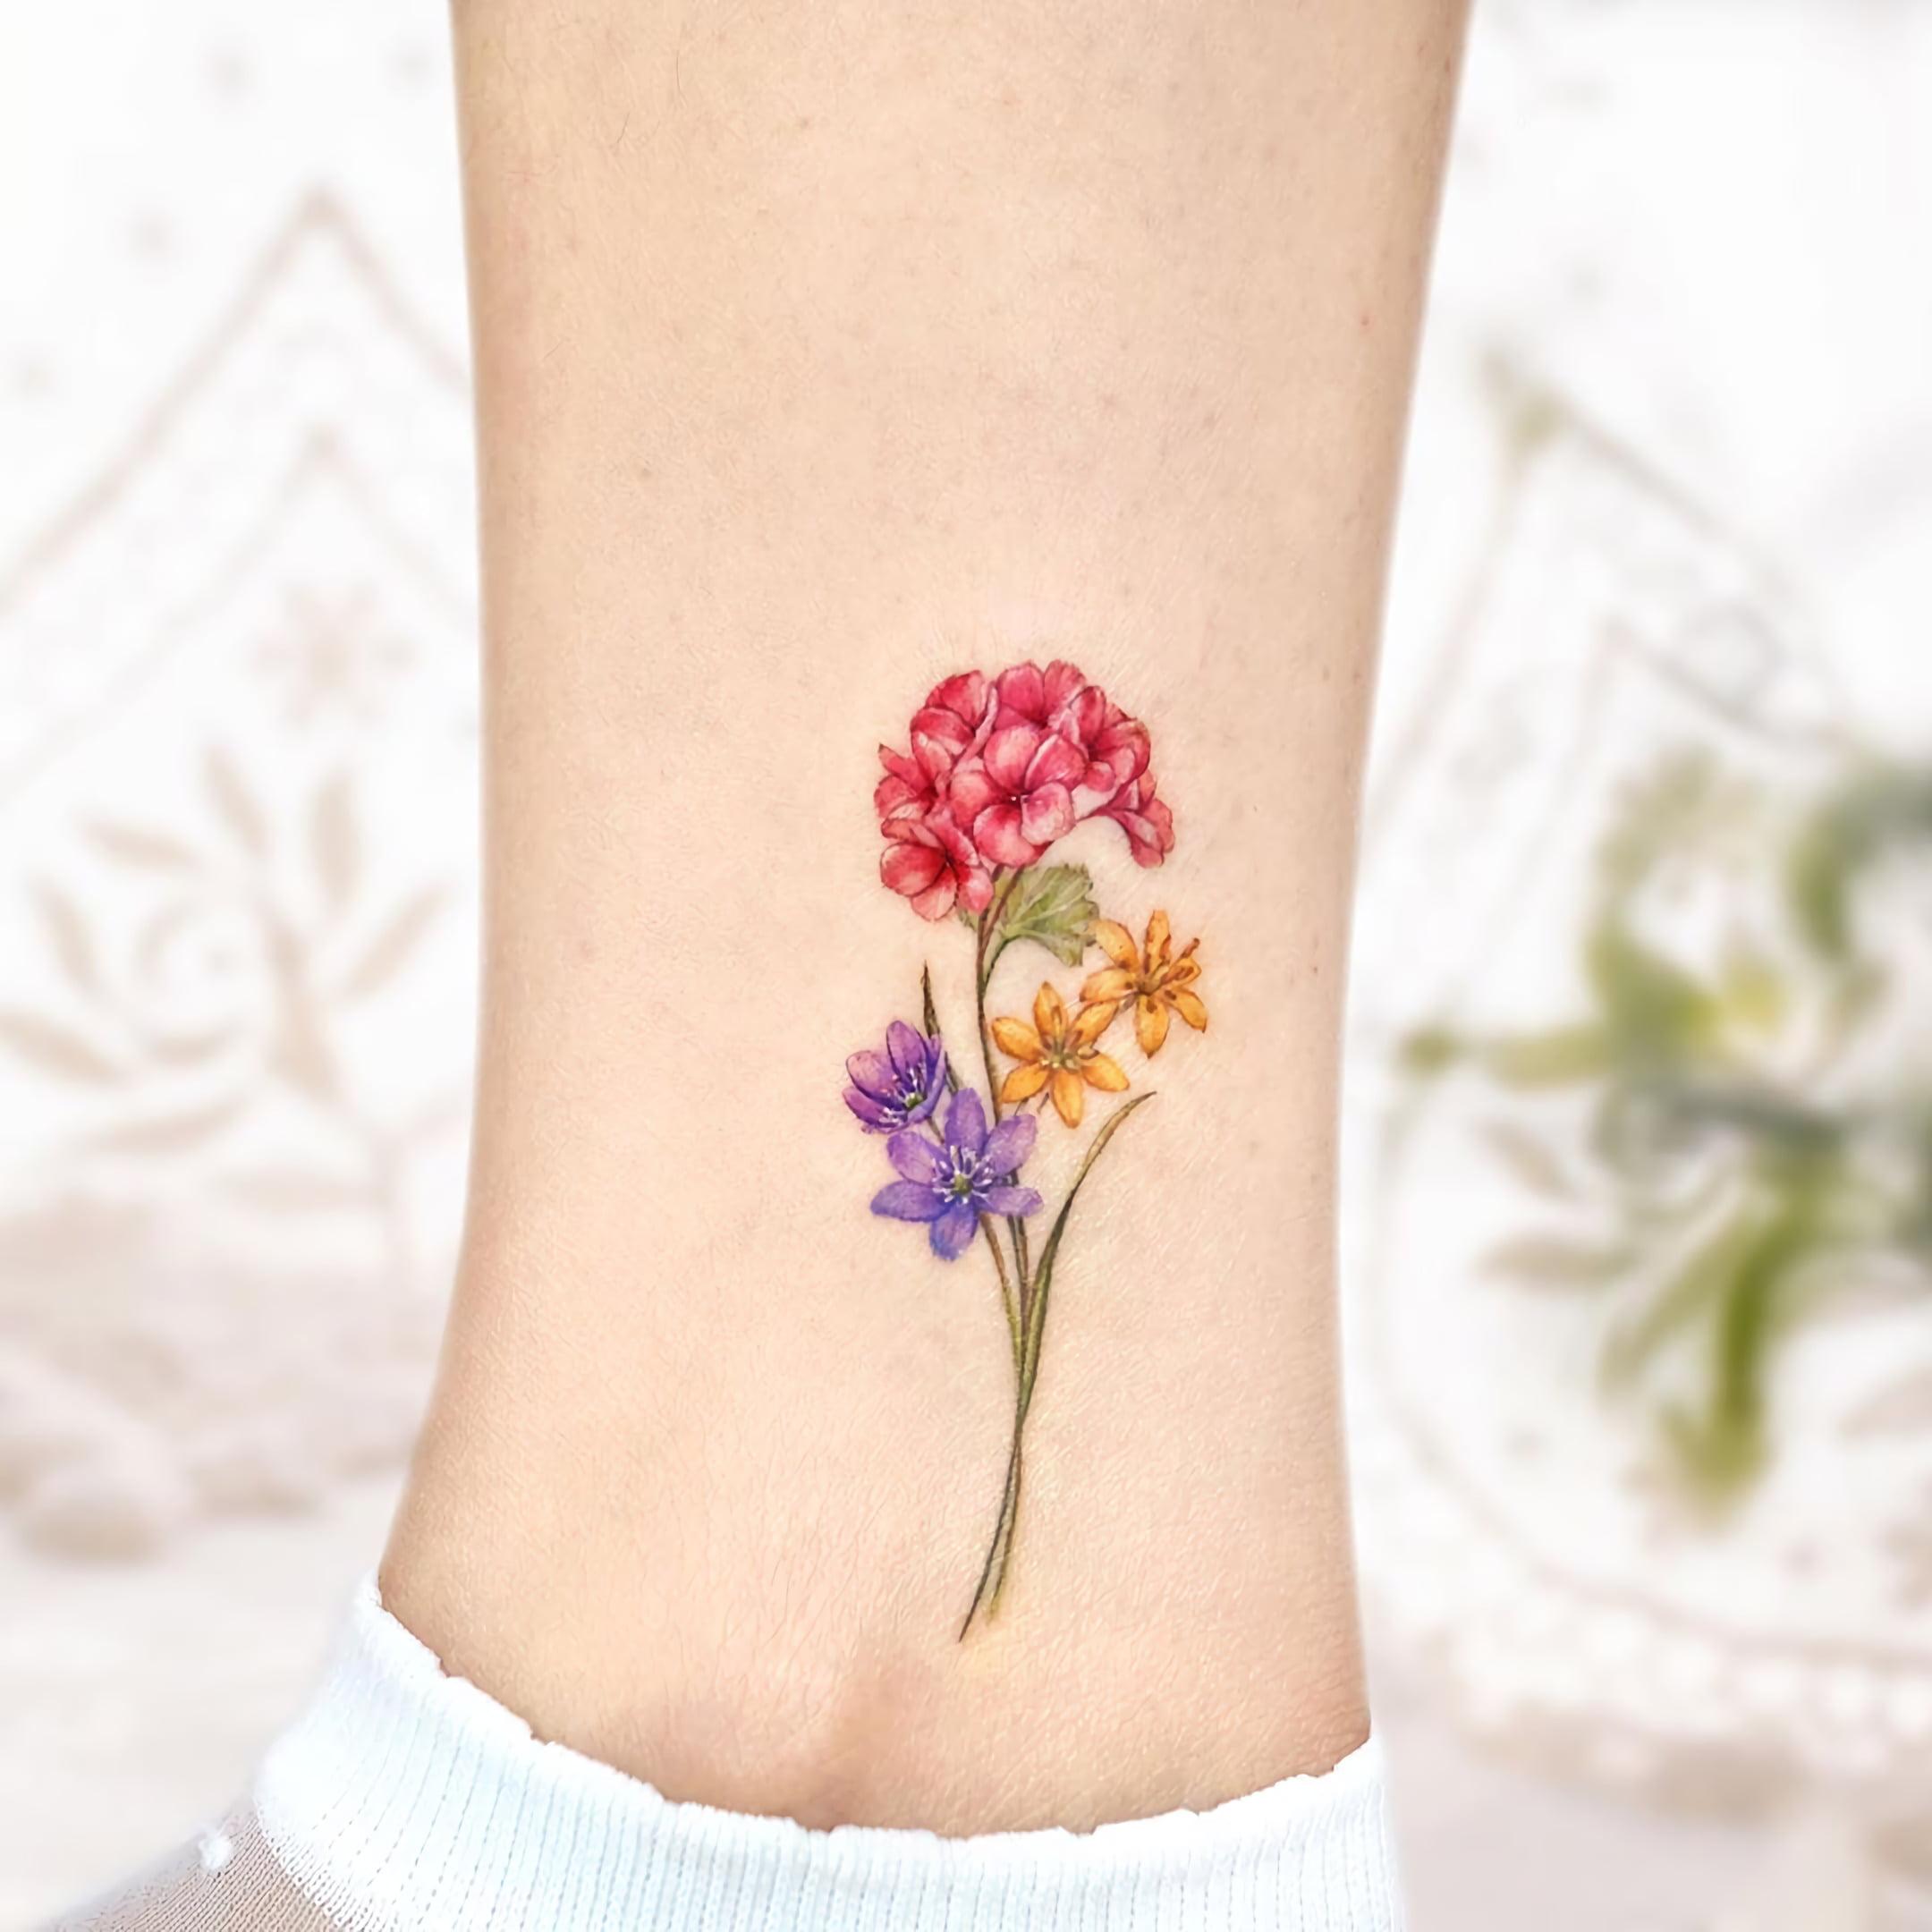 удаление татуировки на щиколотке